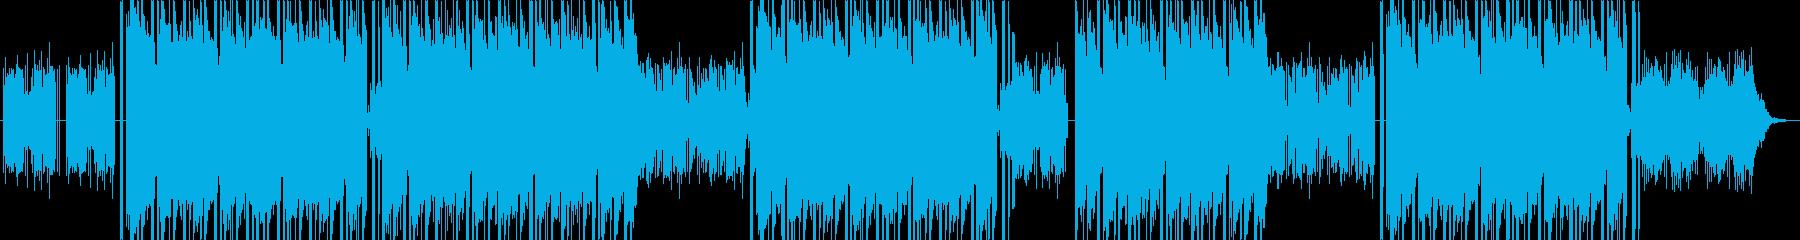 暗いピアノフレーズのトラップビートの再生済みの波形